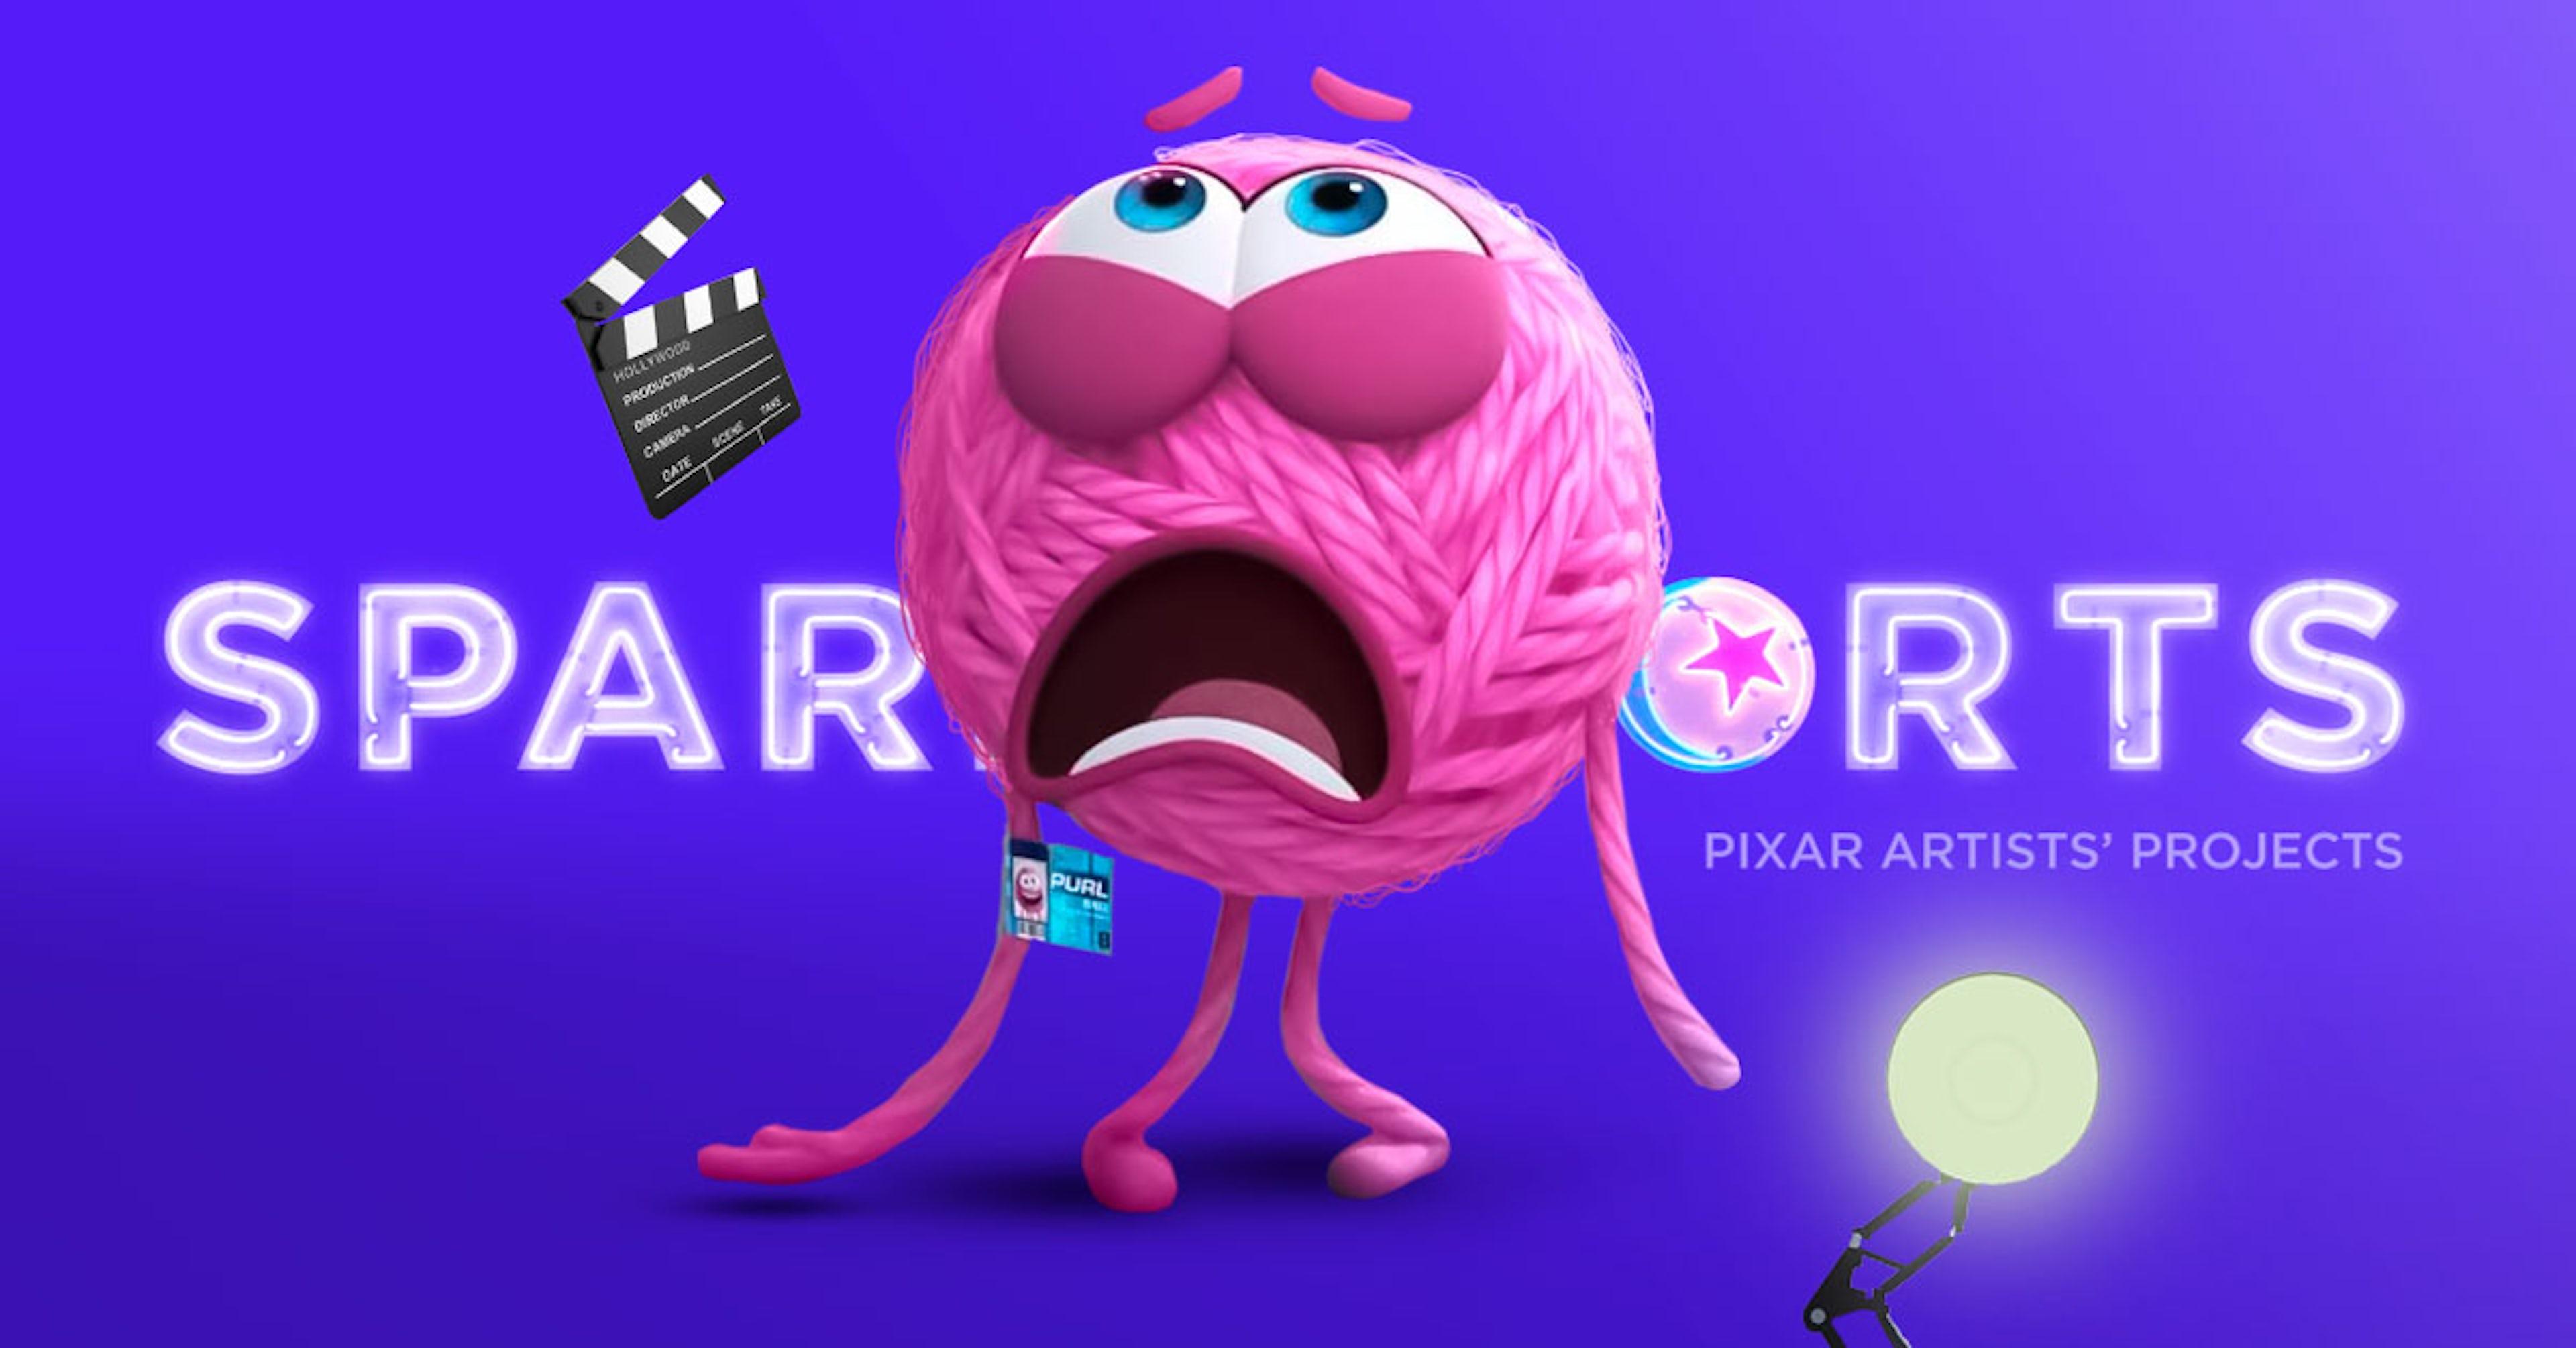 Sparkshorts: Pixar enciende su chispa creativa con nuevos cortos alternativos